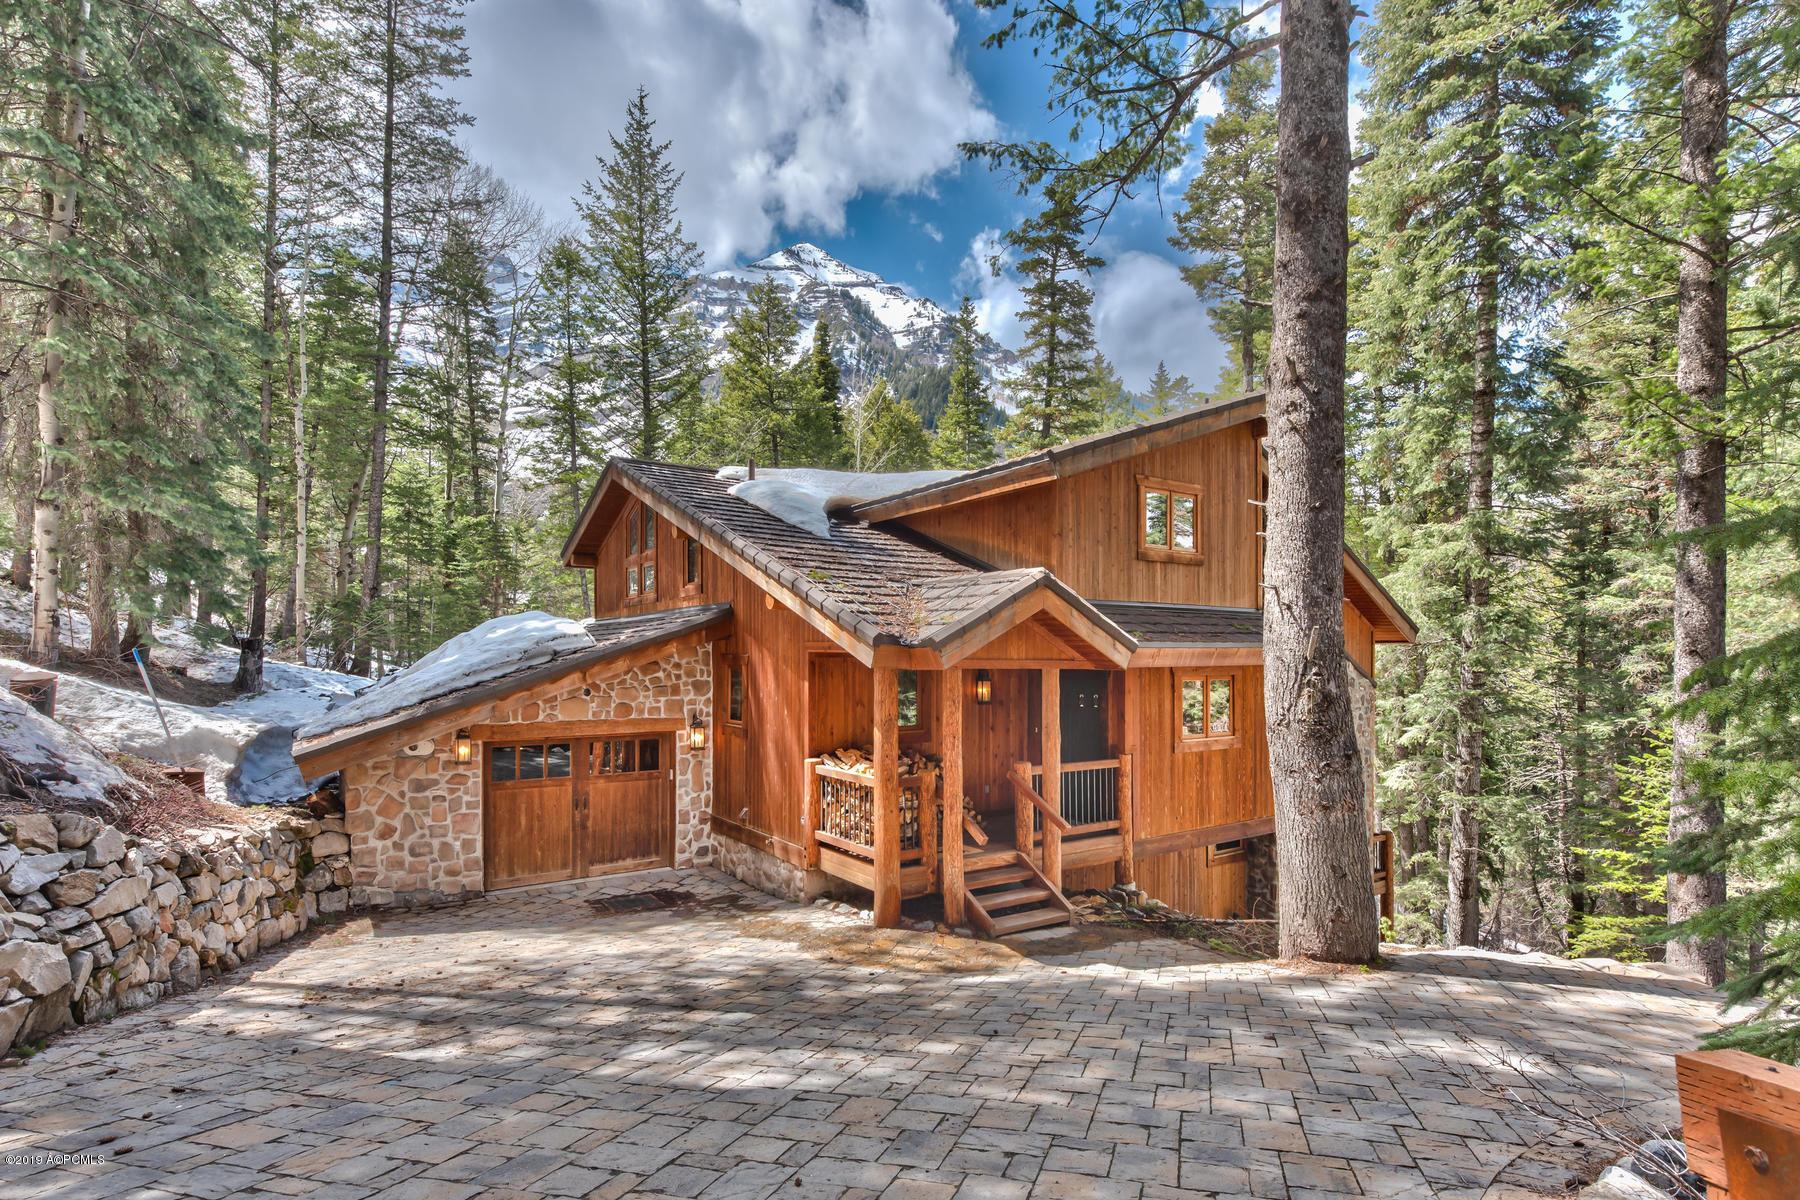 2825 Stewart Road, Sundance, Utah 84604, 5 Bedrooms Bedrooms, ,5 BathroomsBathrooms,Single Family,For Sale,Stewart,20190109112430415765000000